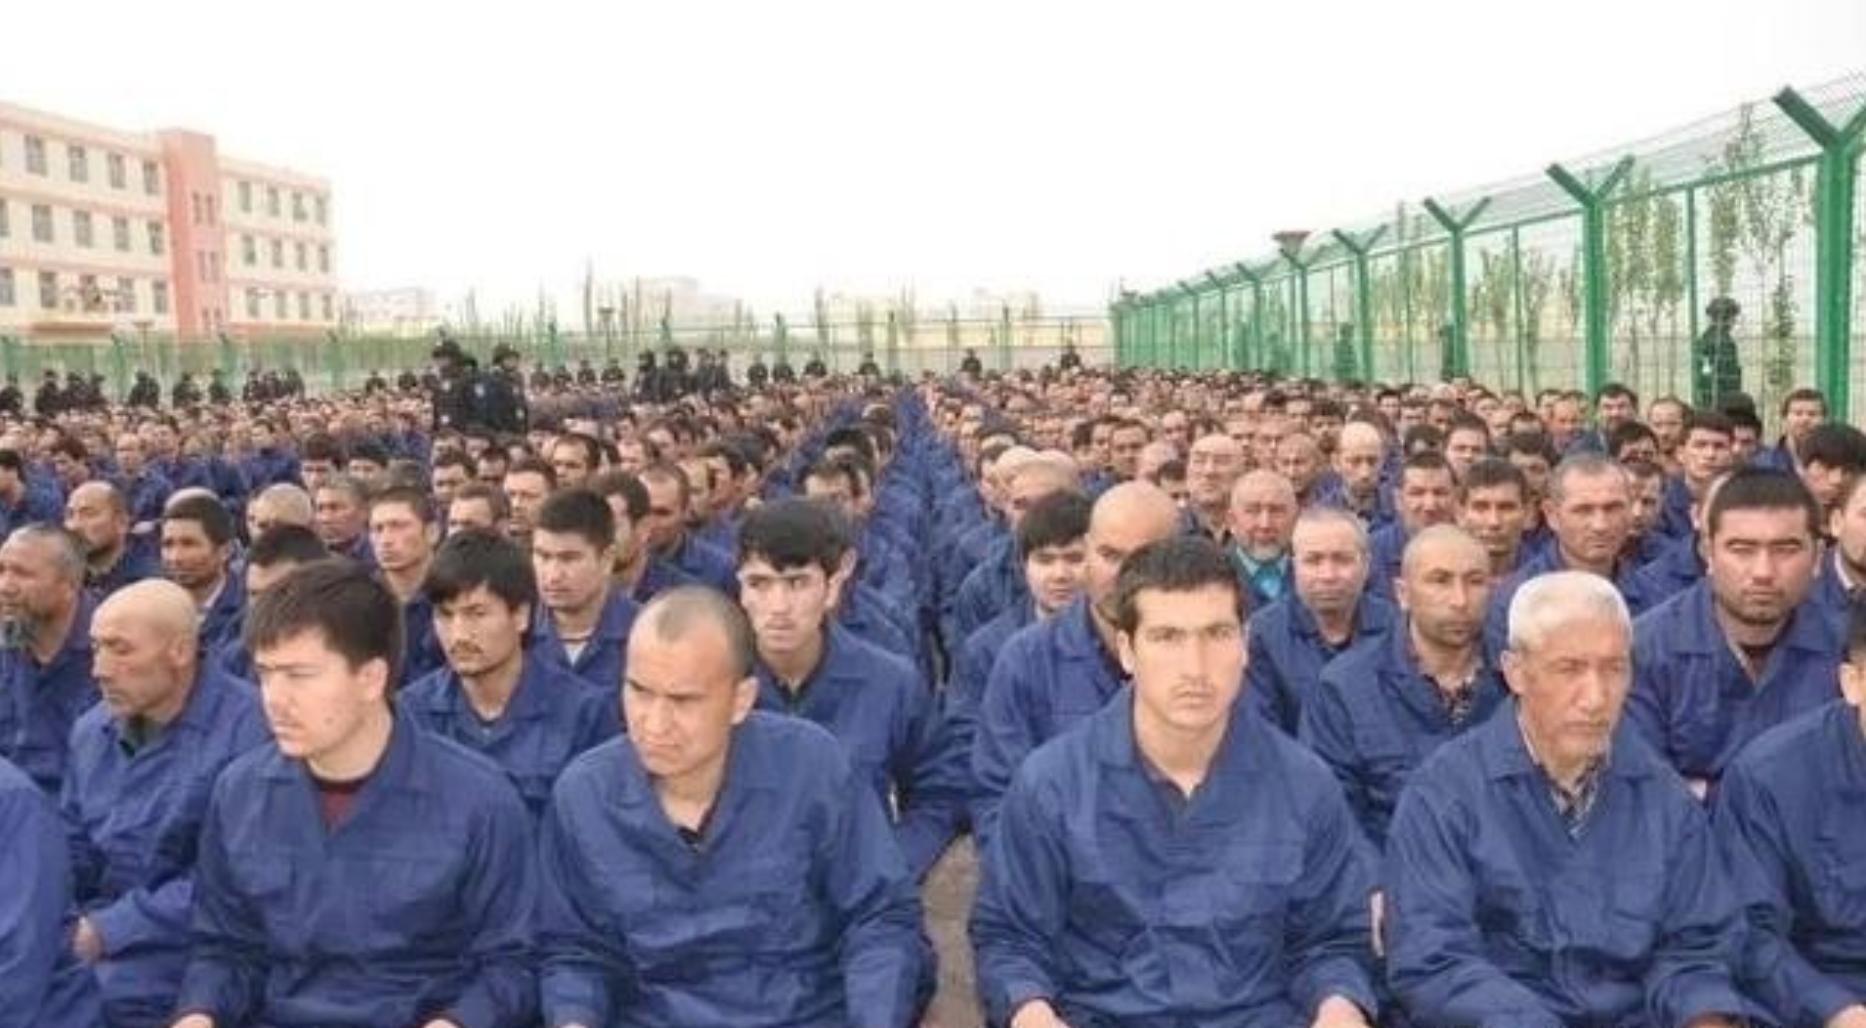 Qui sont les ouïgour et pourquoi sont-ils opprimés par la Chine ?